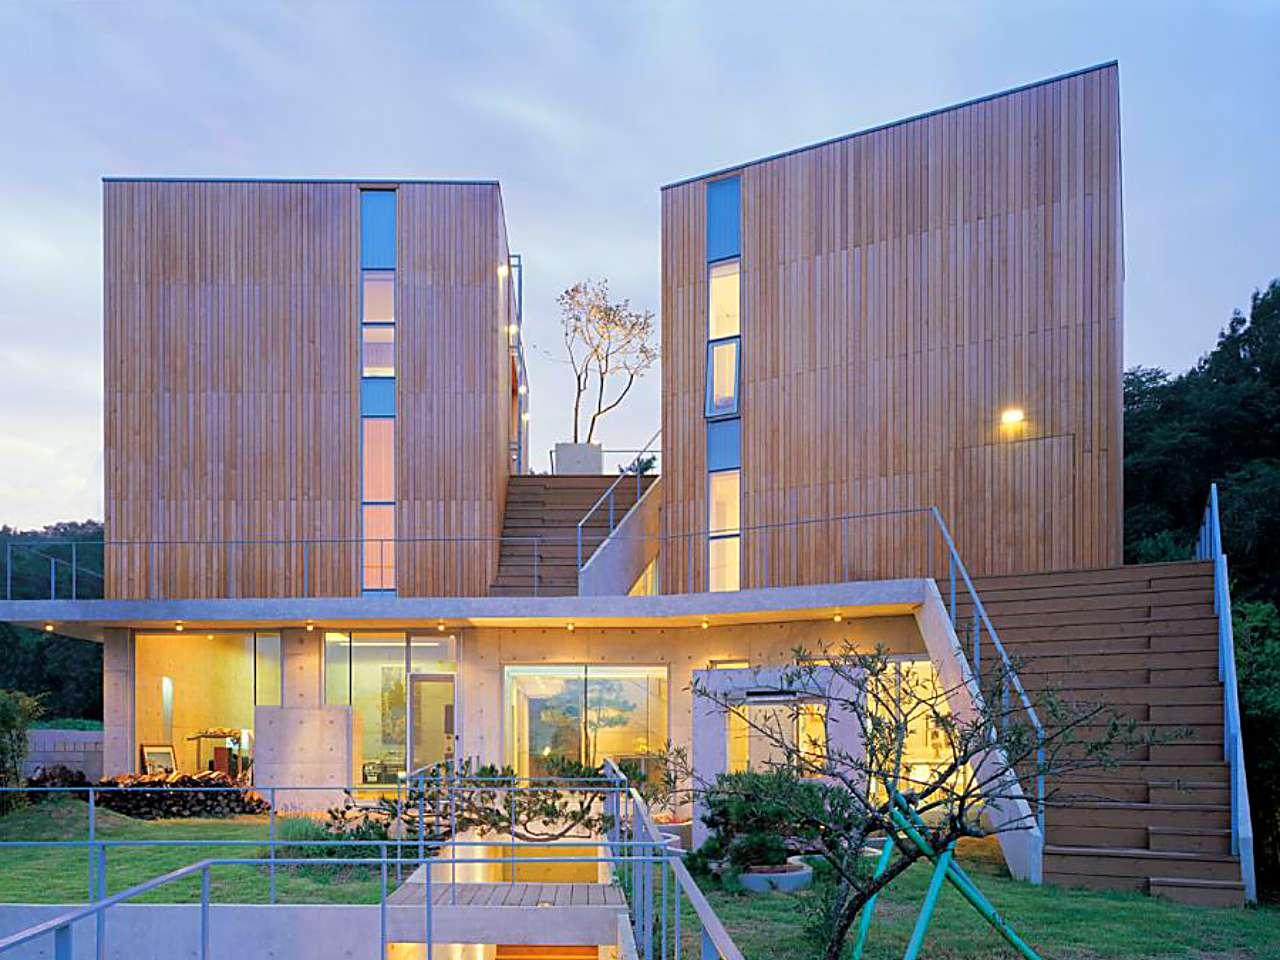 34 Gambar Desain Rumah Mewah Di Korea Yang Belum Banyak Diketahui